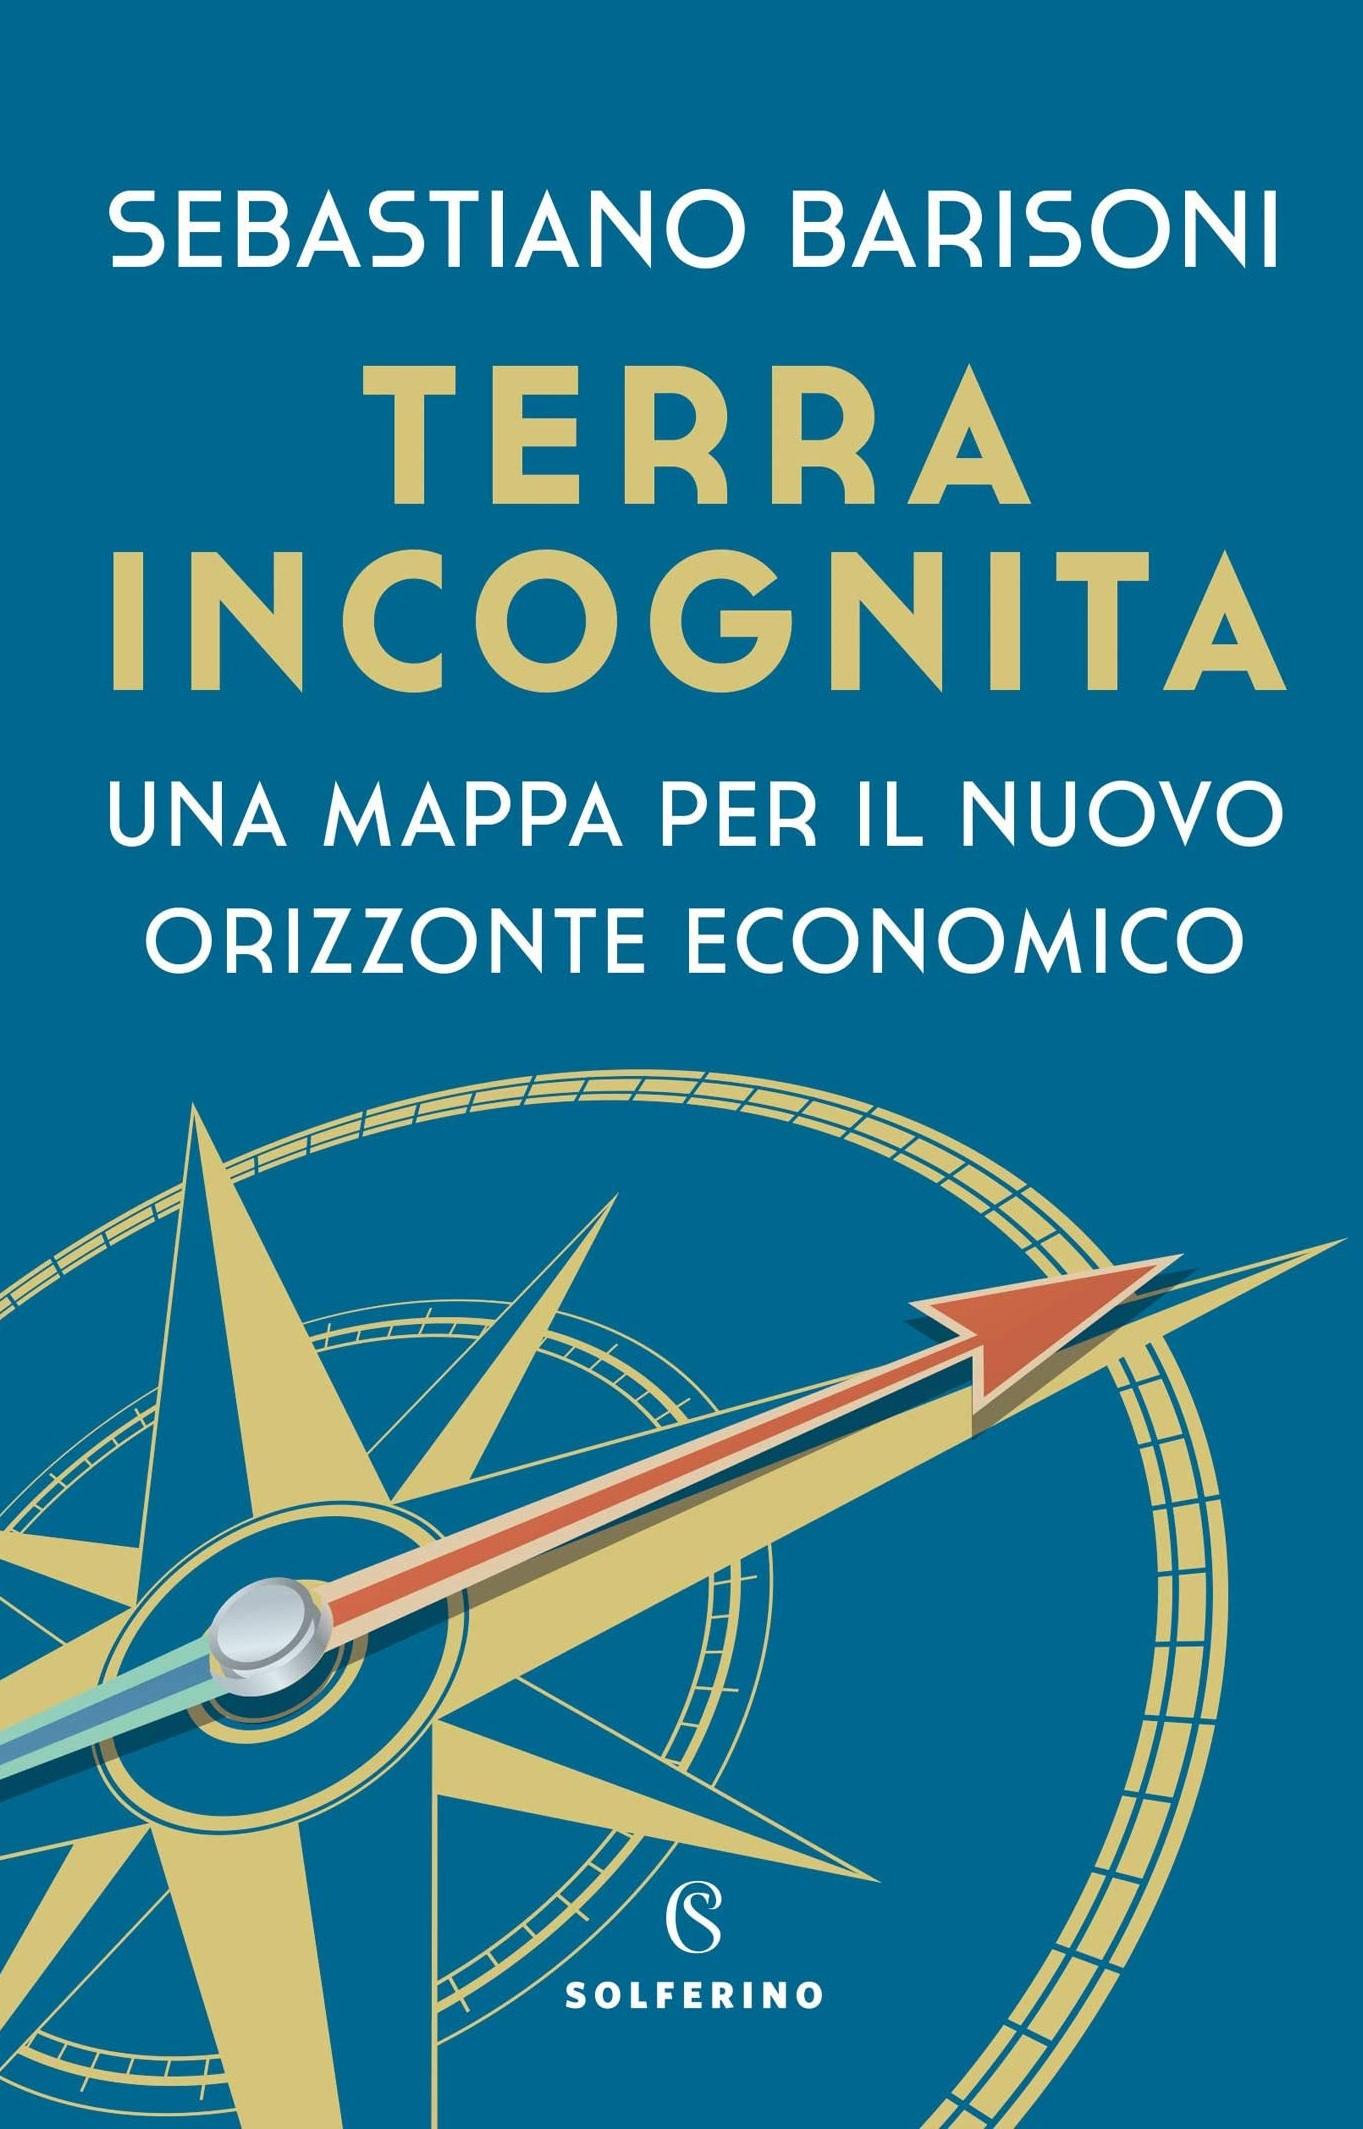 Terra incognita – Sebastiano Barisoni